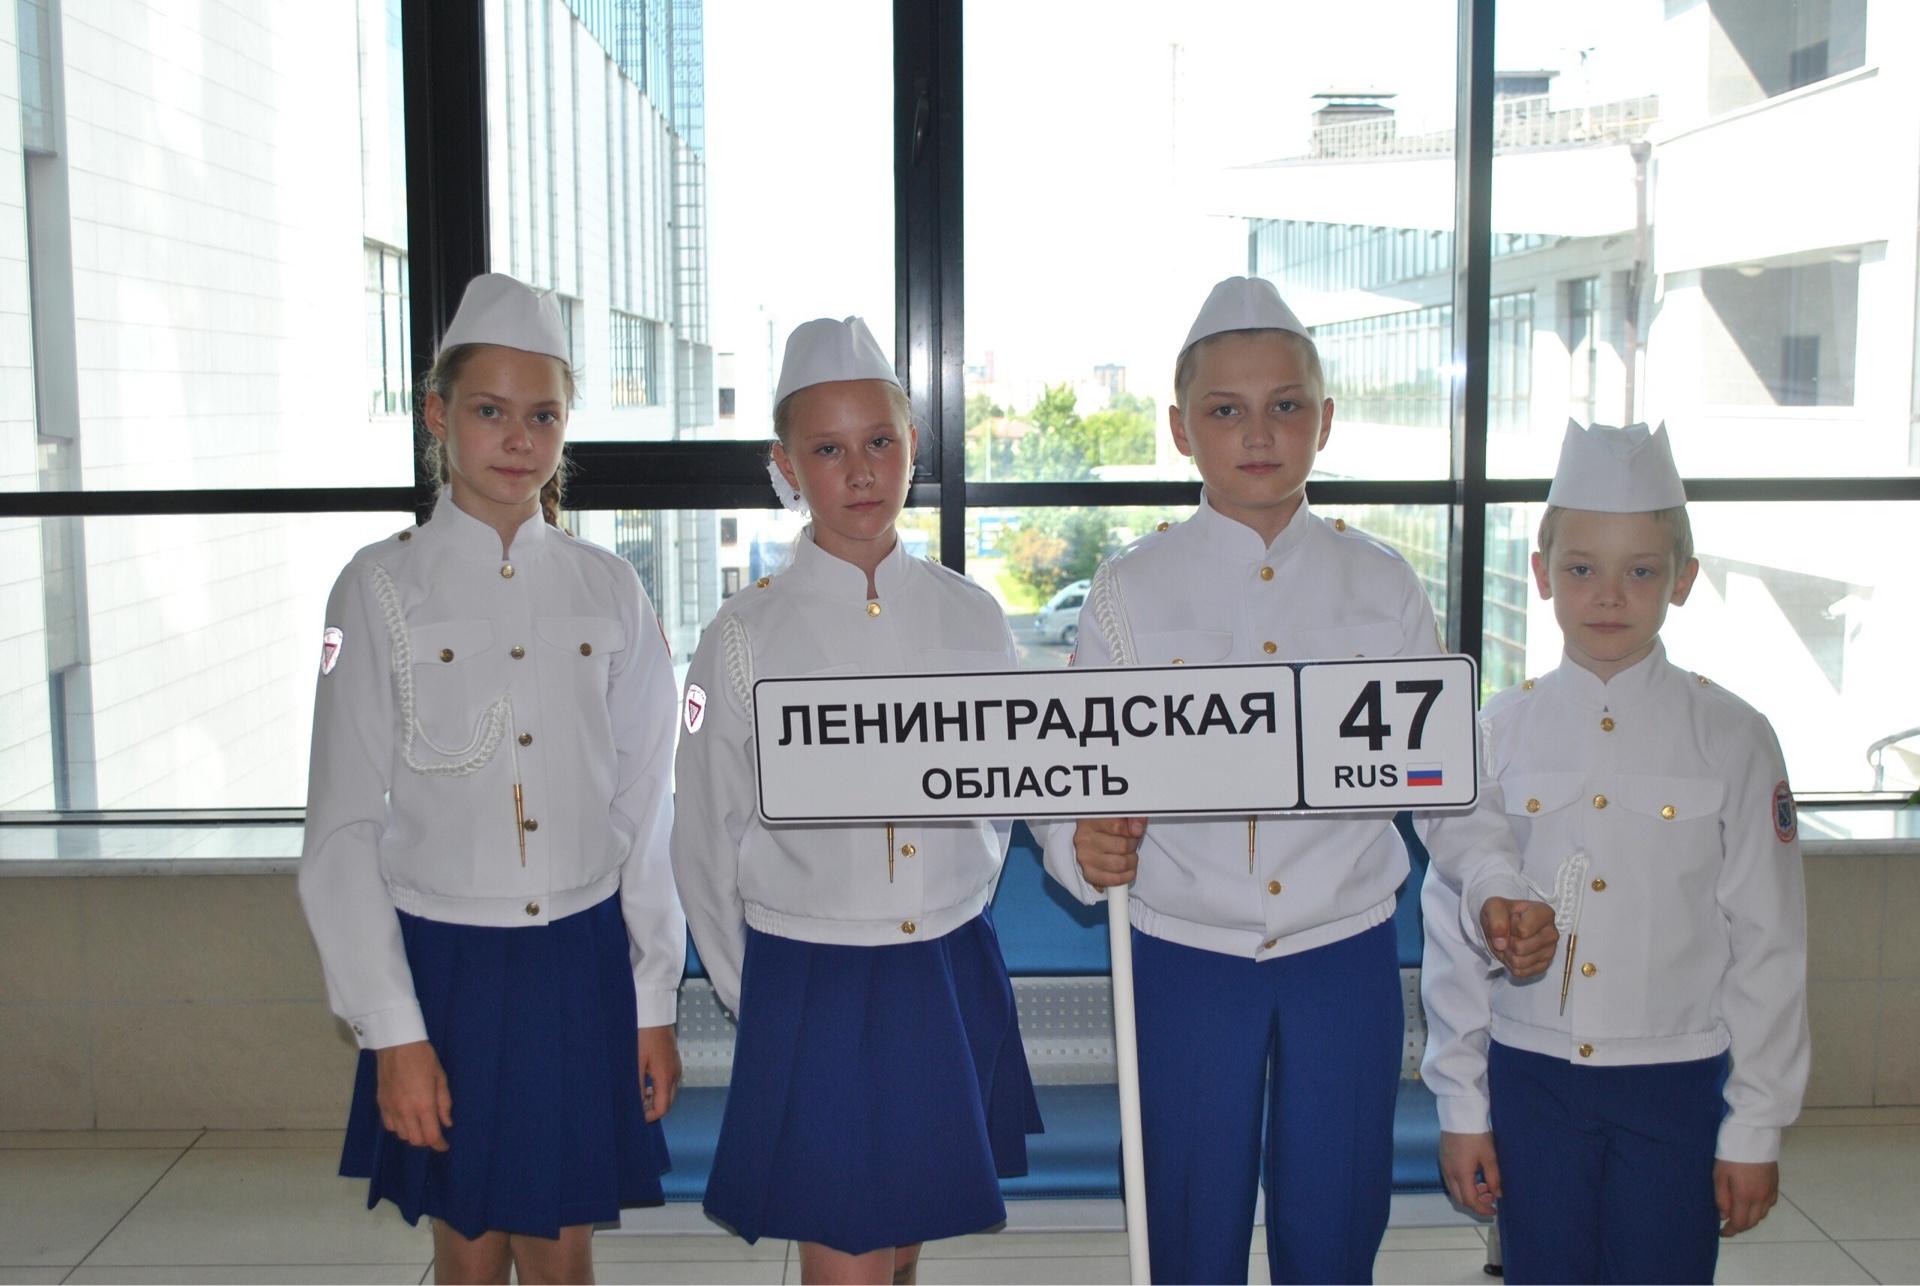 Всероссийский конкурс юных инспекторов движения  «Безопасное колесо», 2019 год